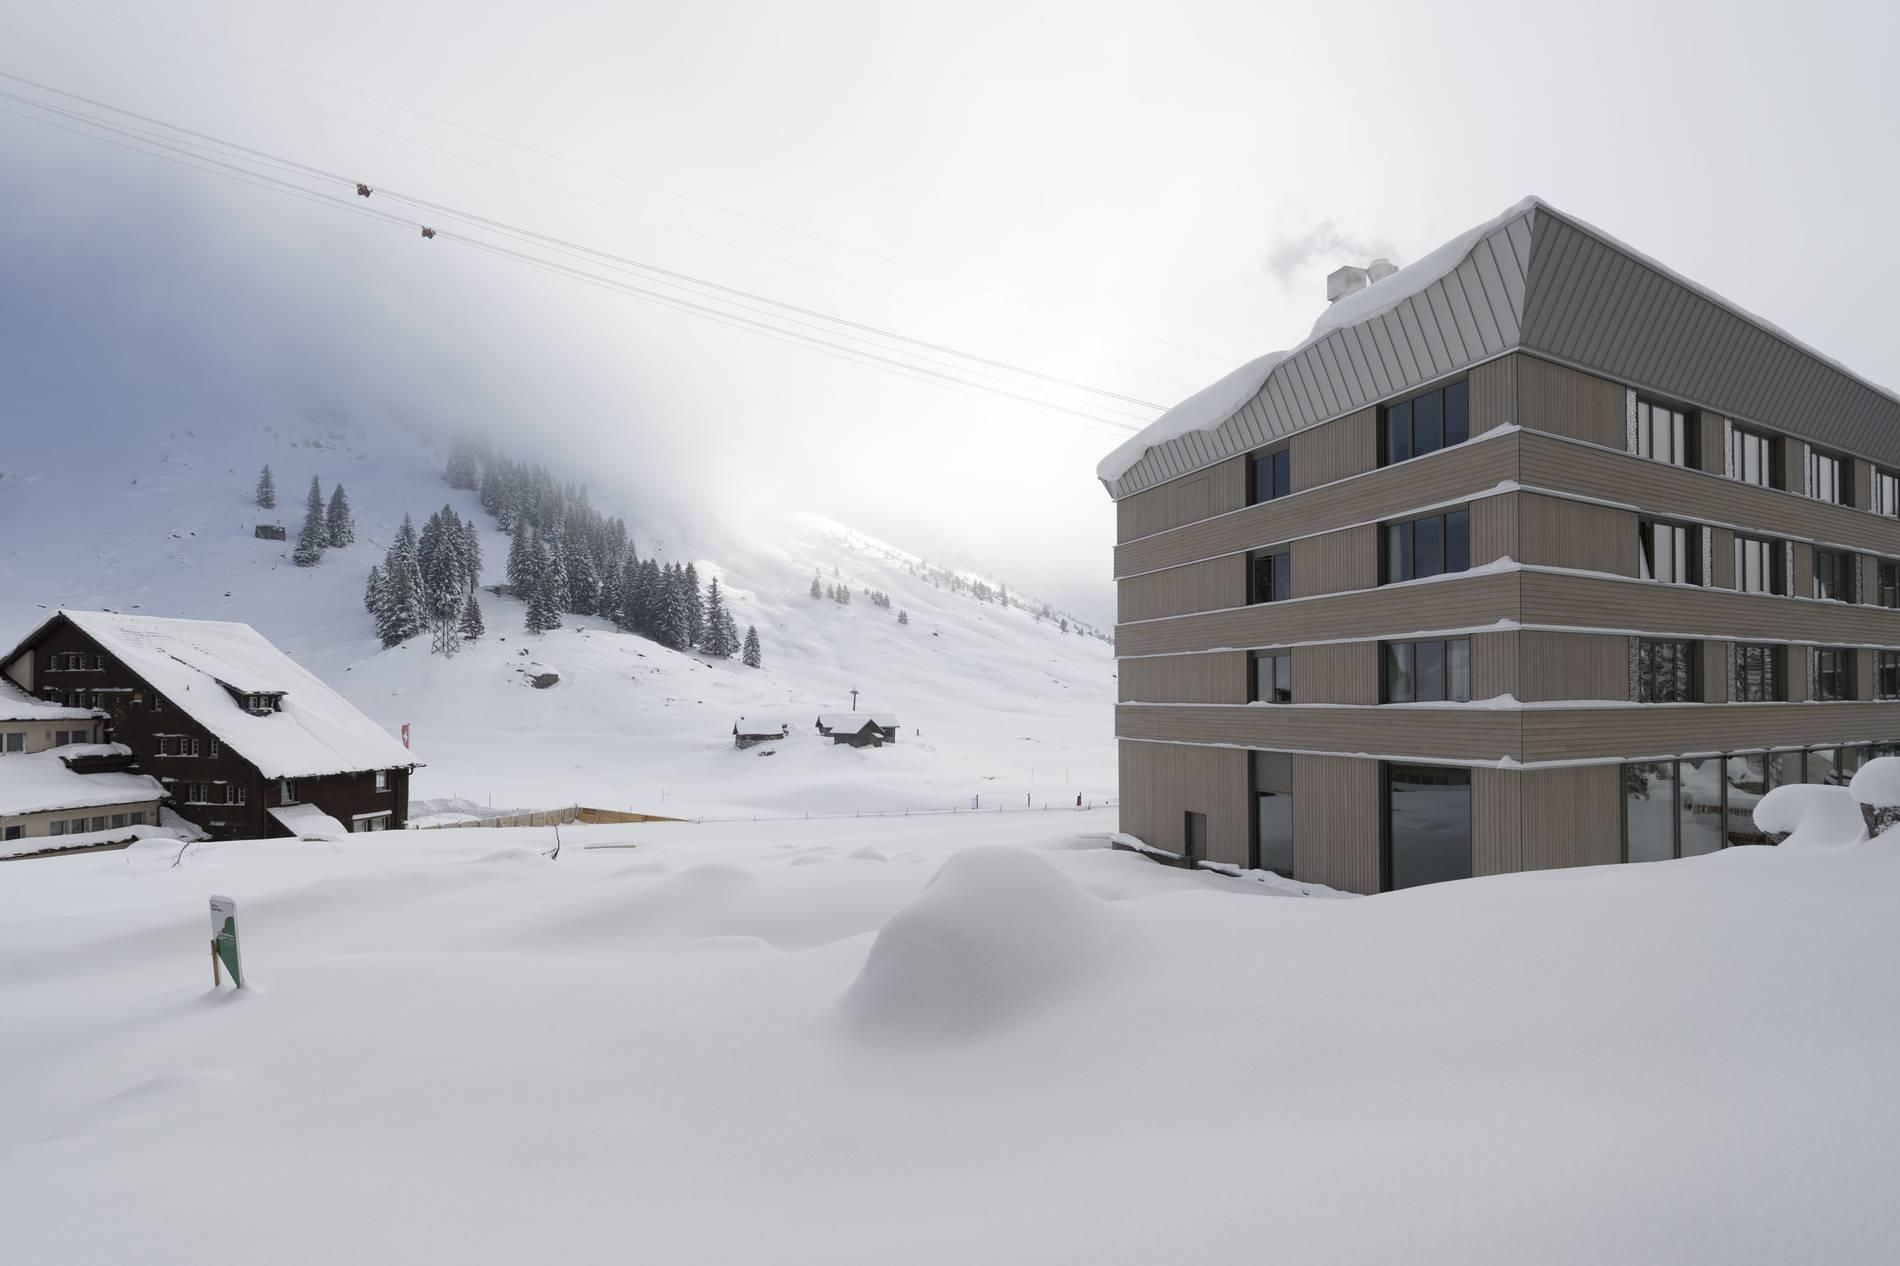 Schweiz Lawine